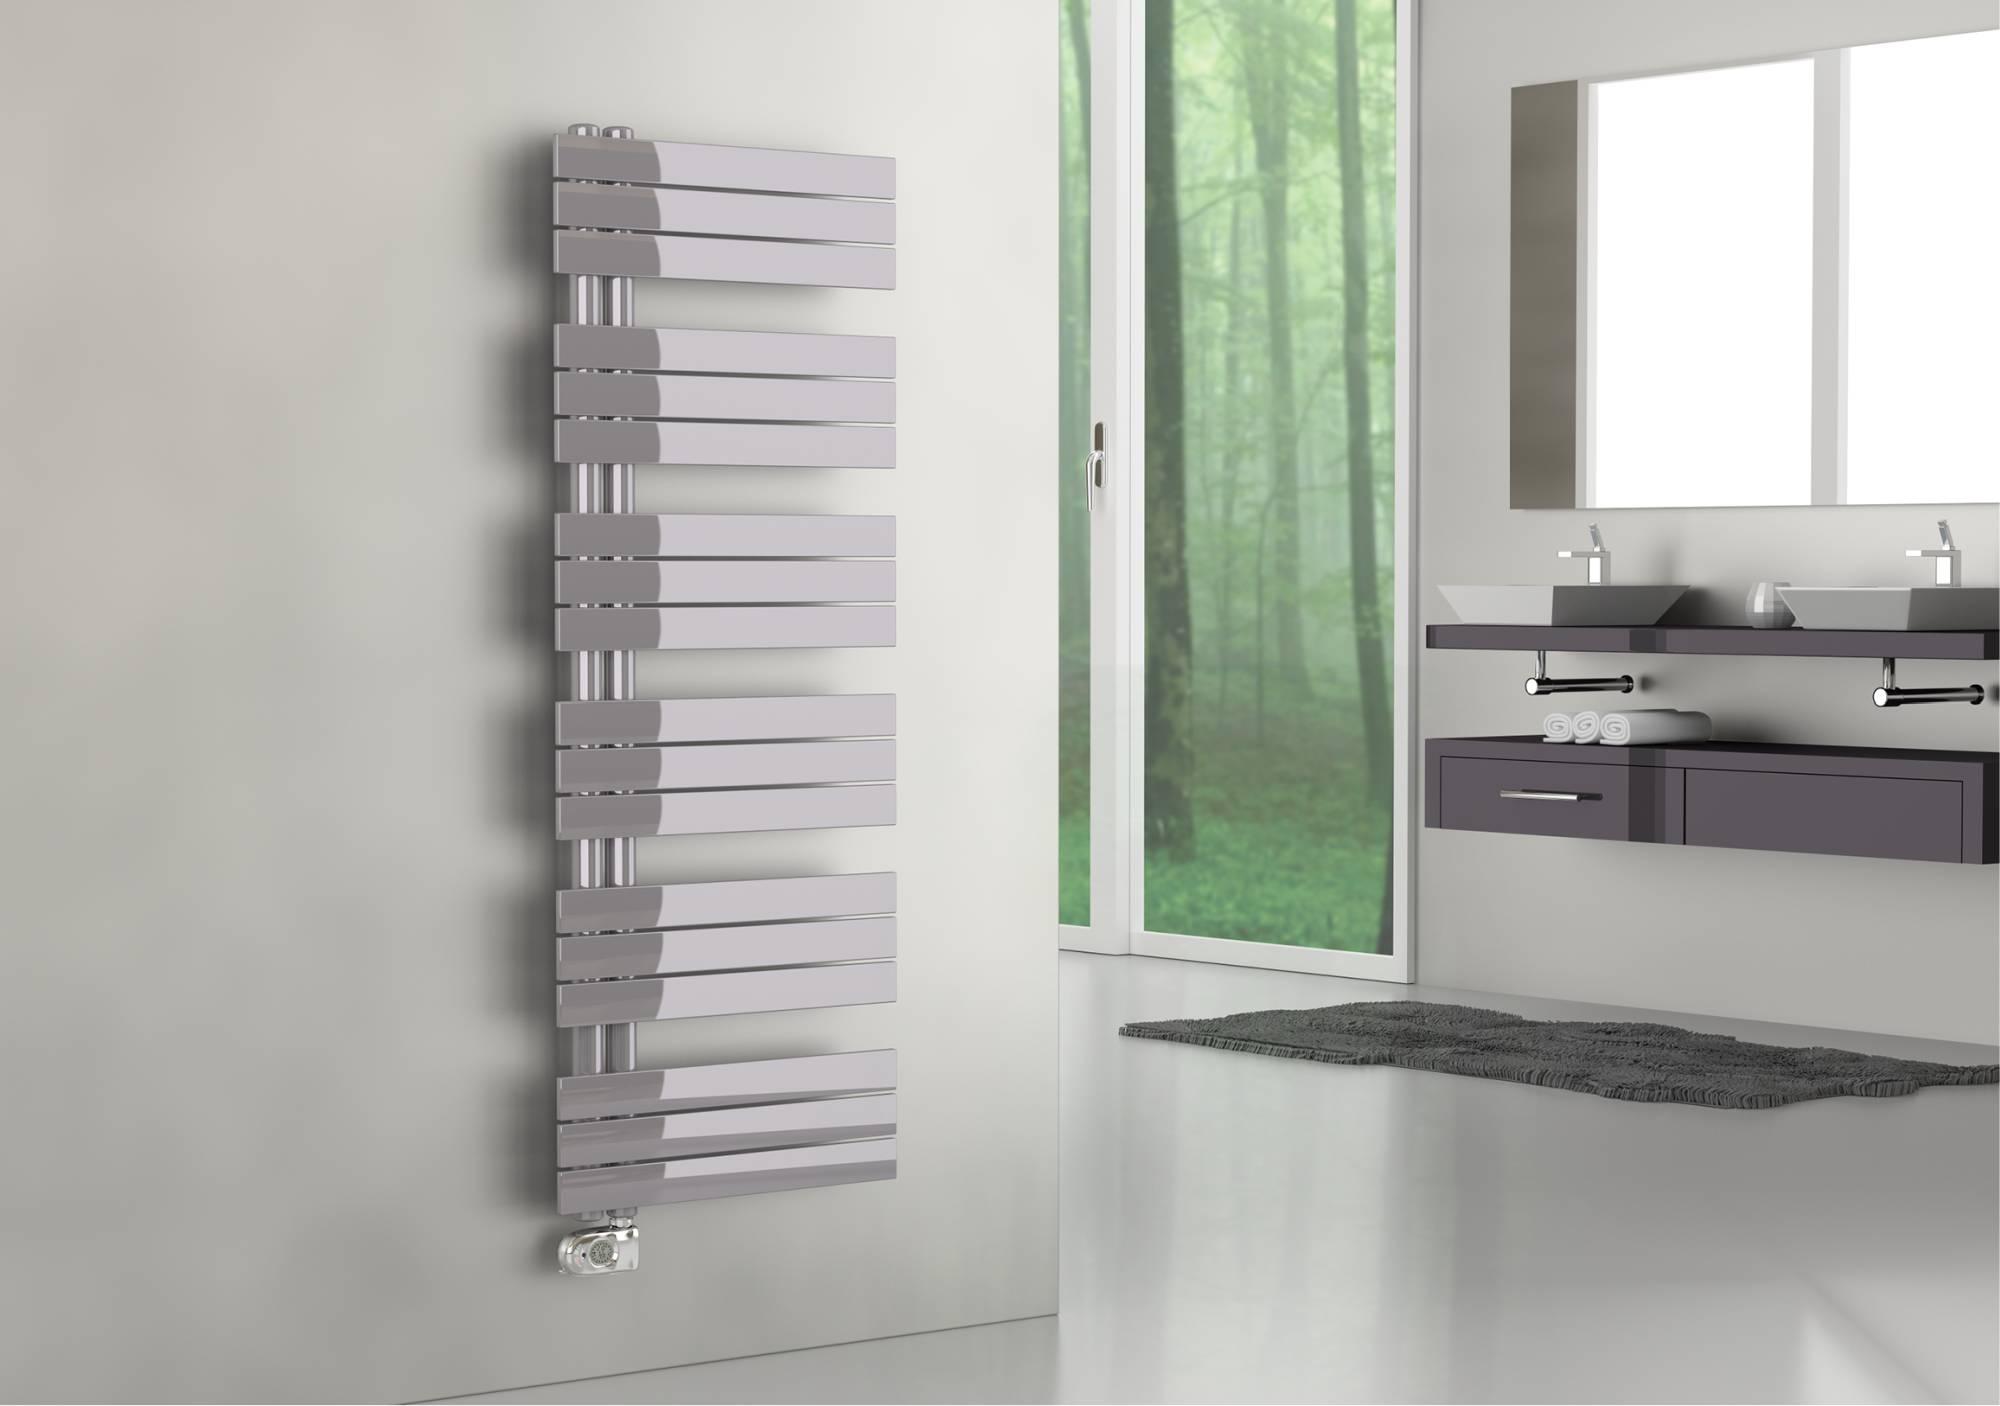 Chauffe-serviettes Cordivari Kelly Flat version électrique SX